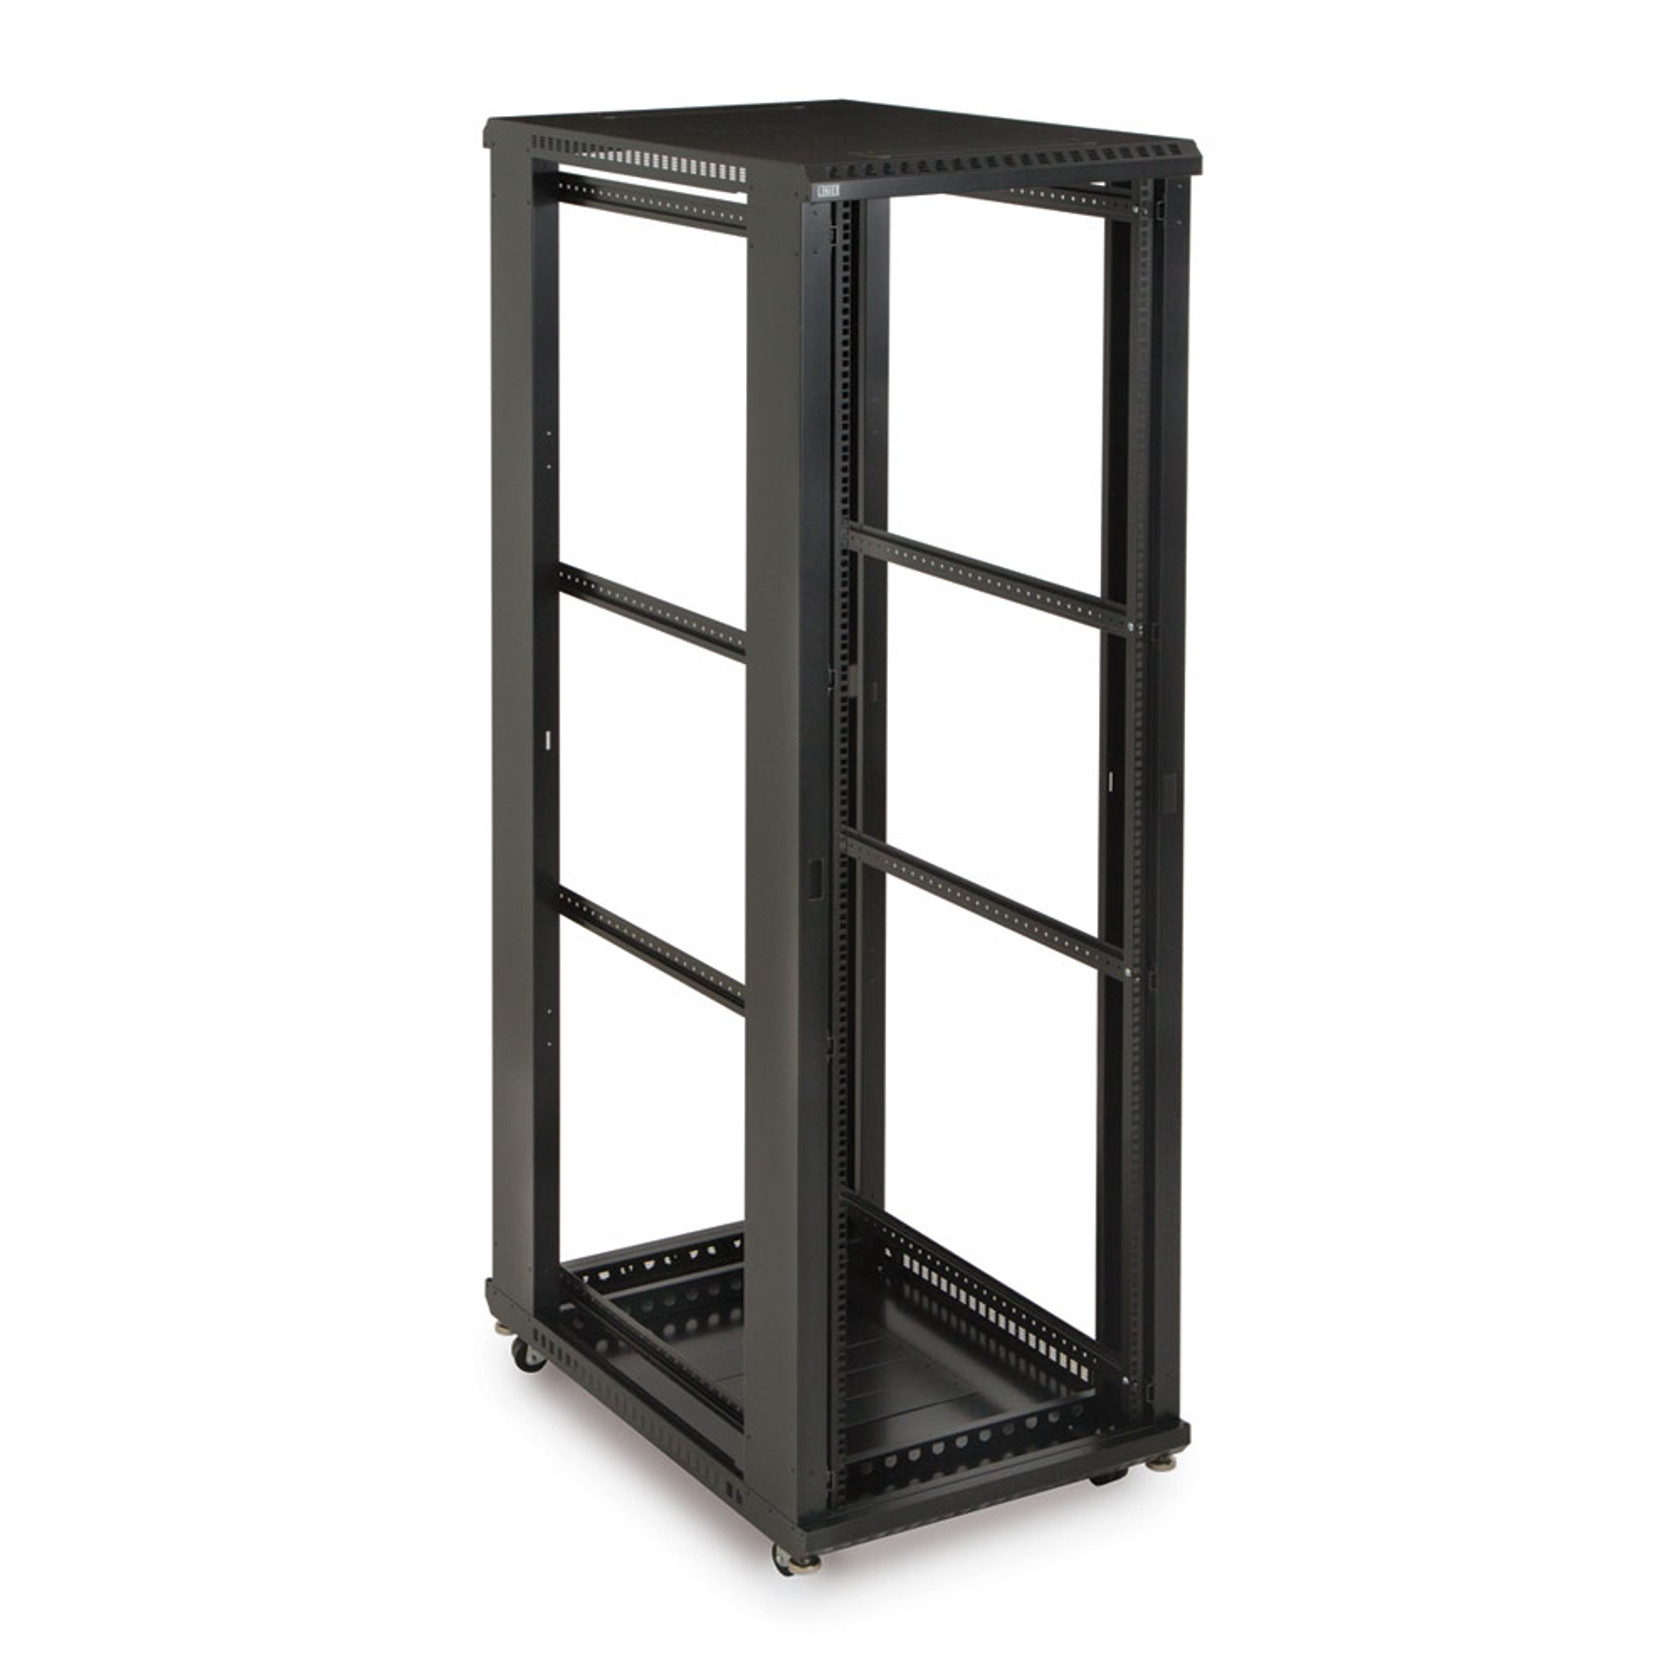 KENDALL HOWARD ® | 4-Post Open Frame Server Racks | GAW Technologies